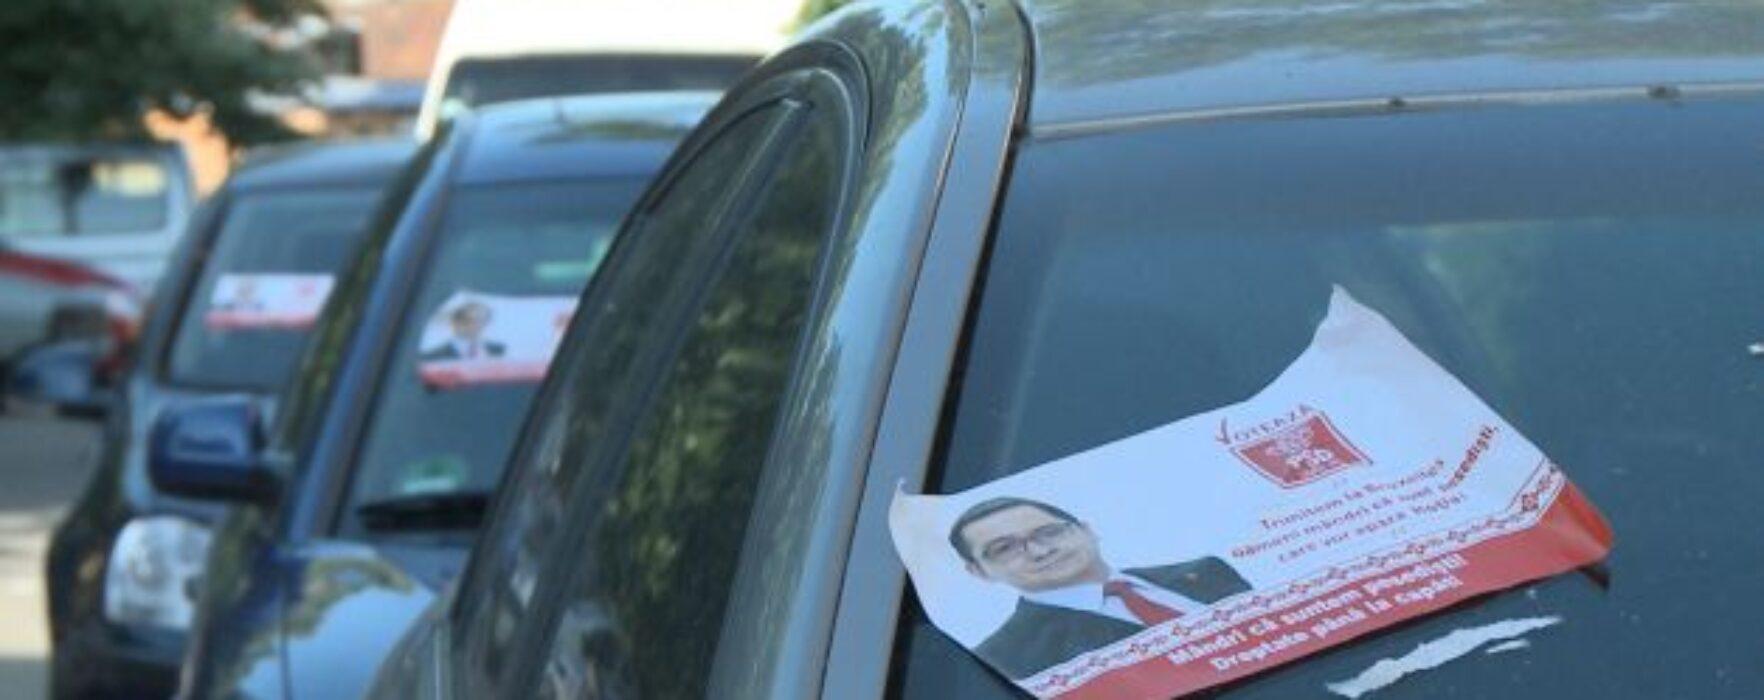 Târgovişte: Maşini vandalizate cu afişe electorale